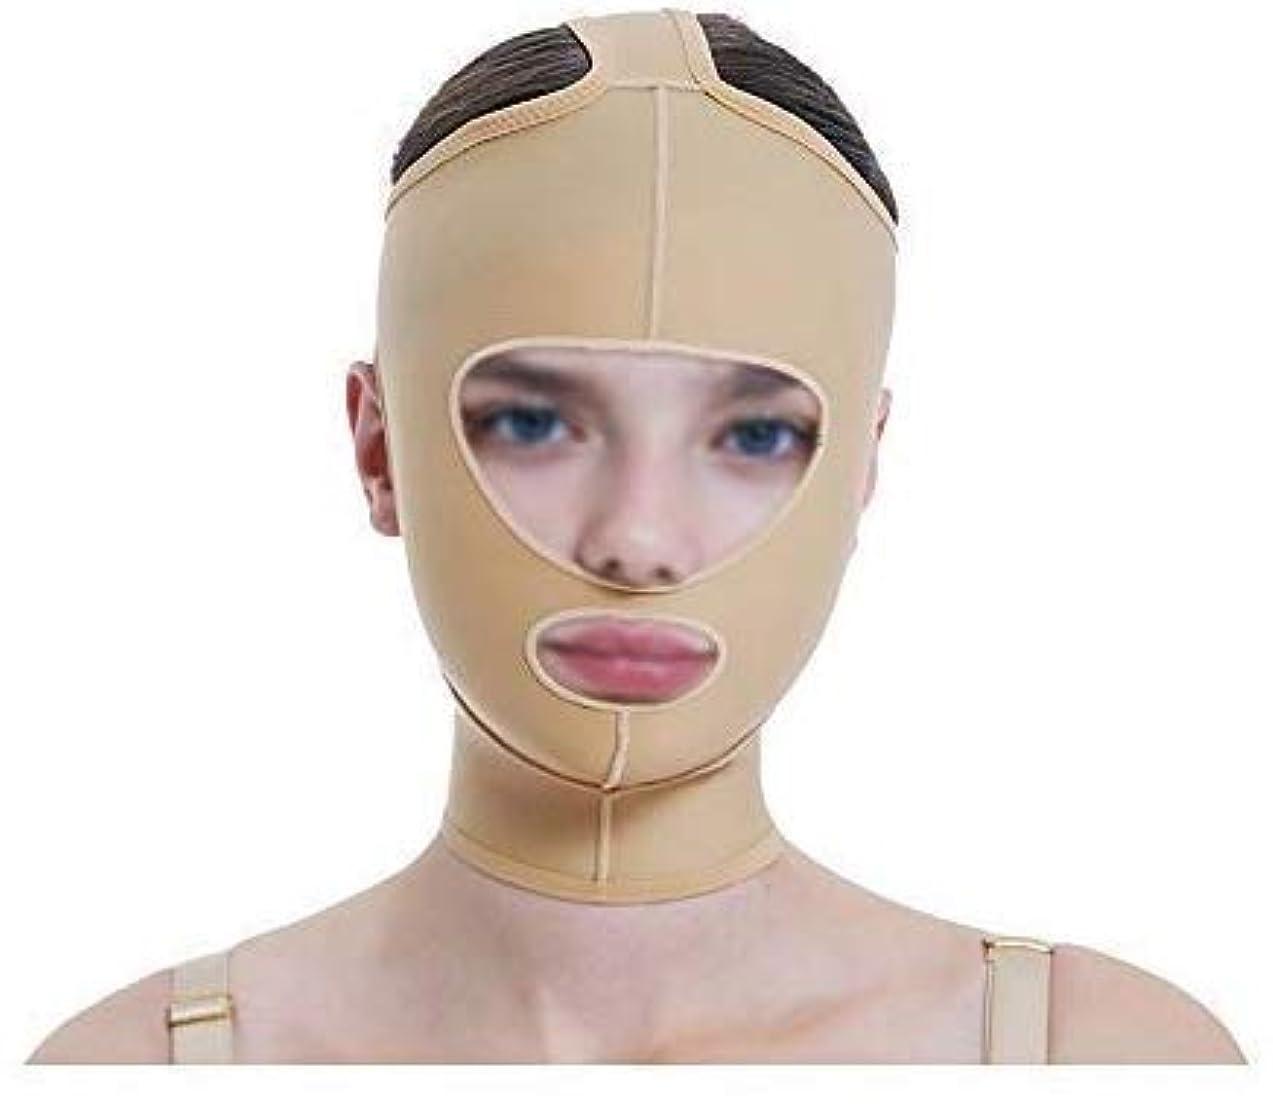 六月以来ドル美しさと実用的な顔と首のリフト、減量フェイスマスクフェイスカービングフェイス弾性セット薄いダブルチンアーティファクトVフェイスビームフェイス(サイズ:XS)